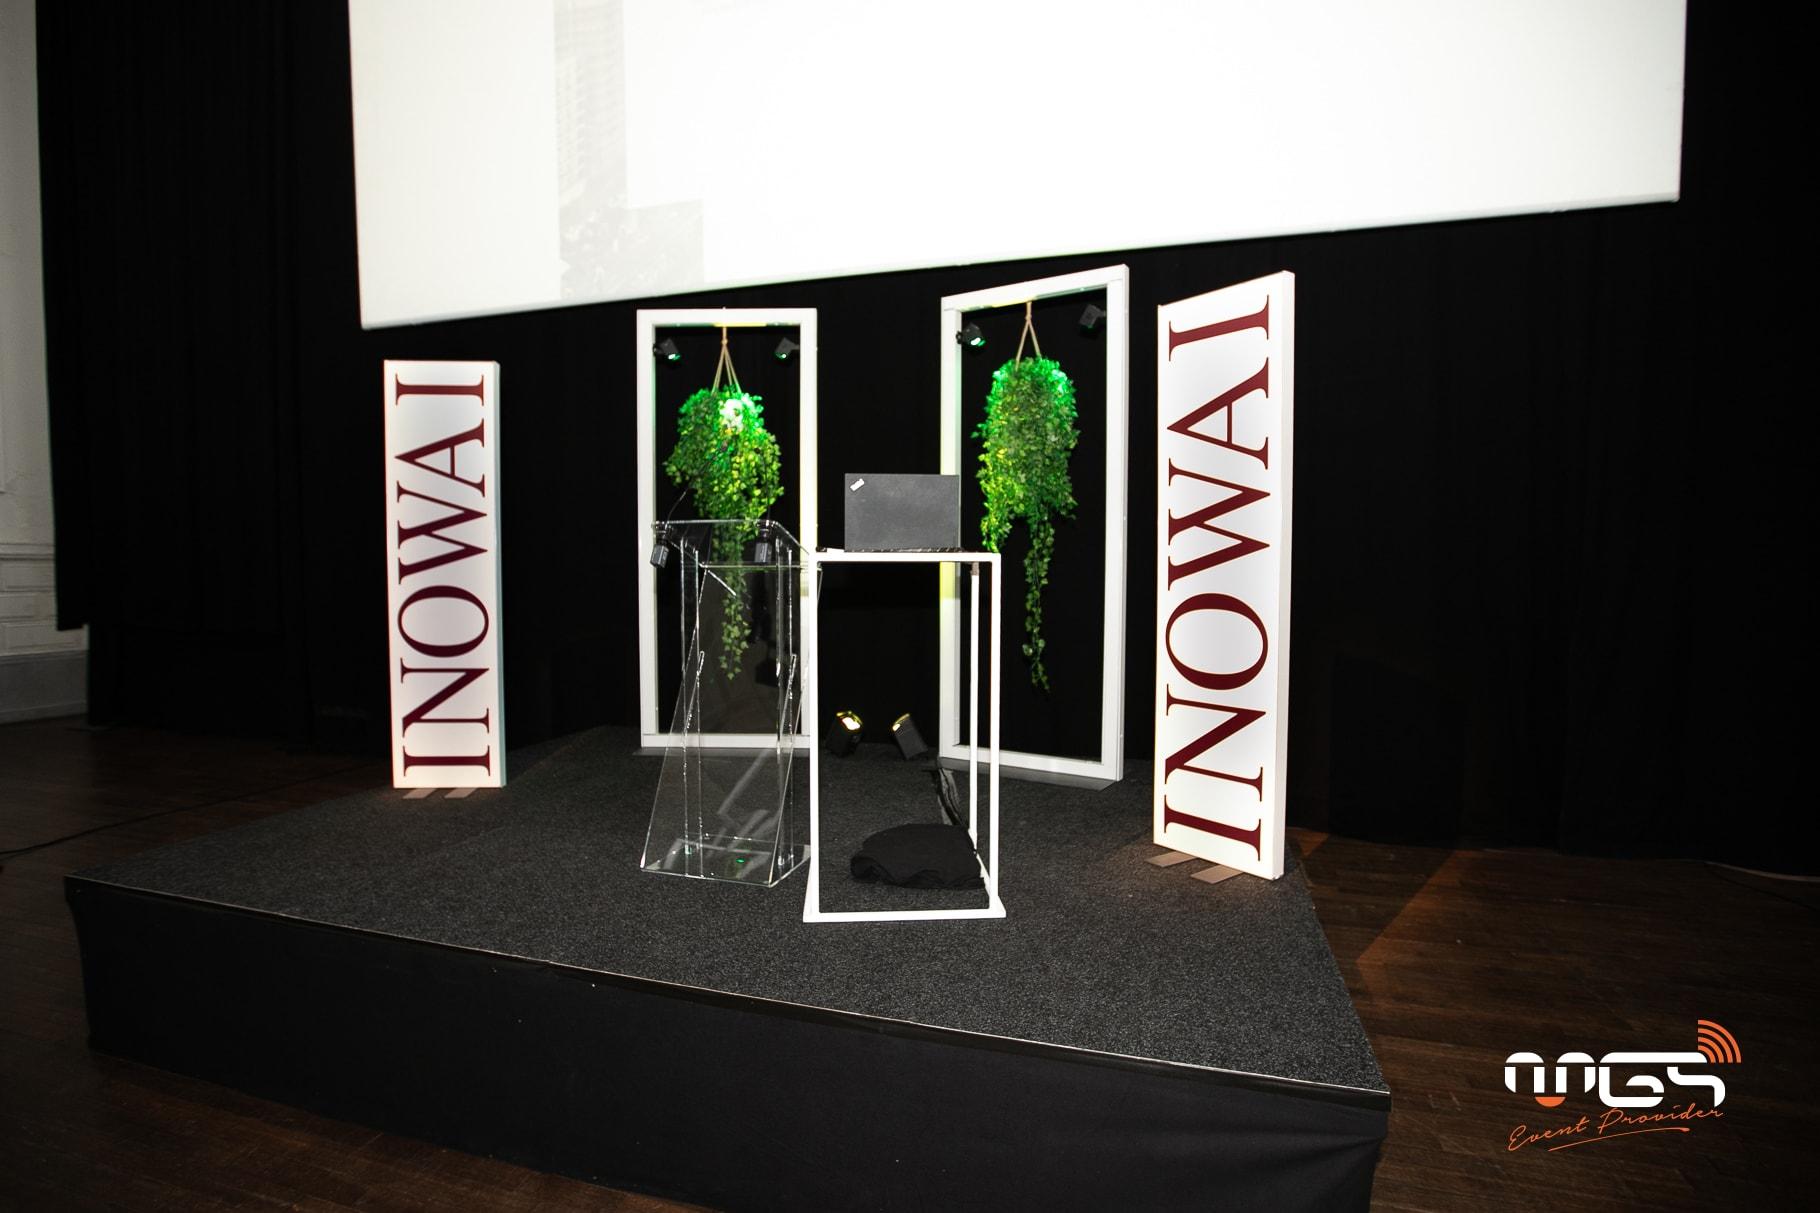 MGS mise sur une décoration végétale pour ce gala Inowai.